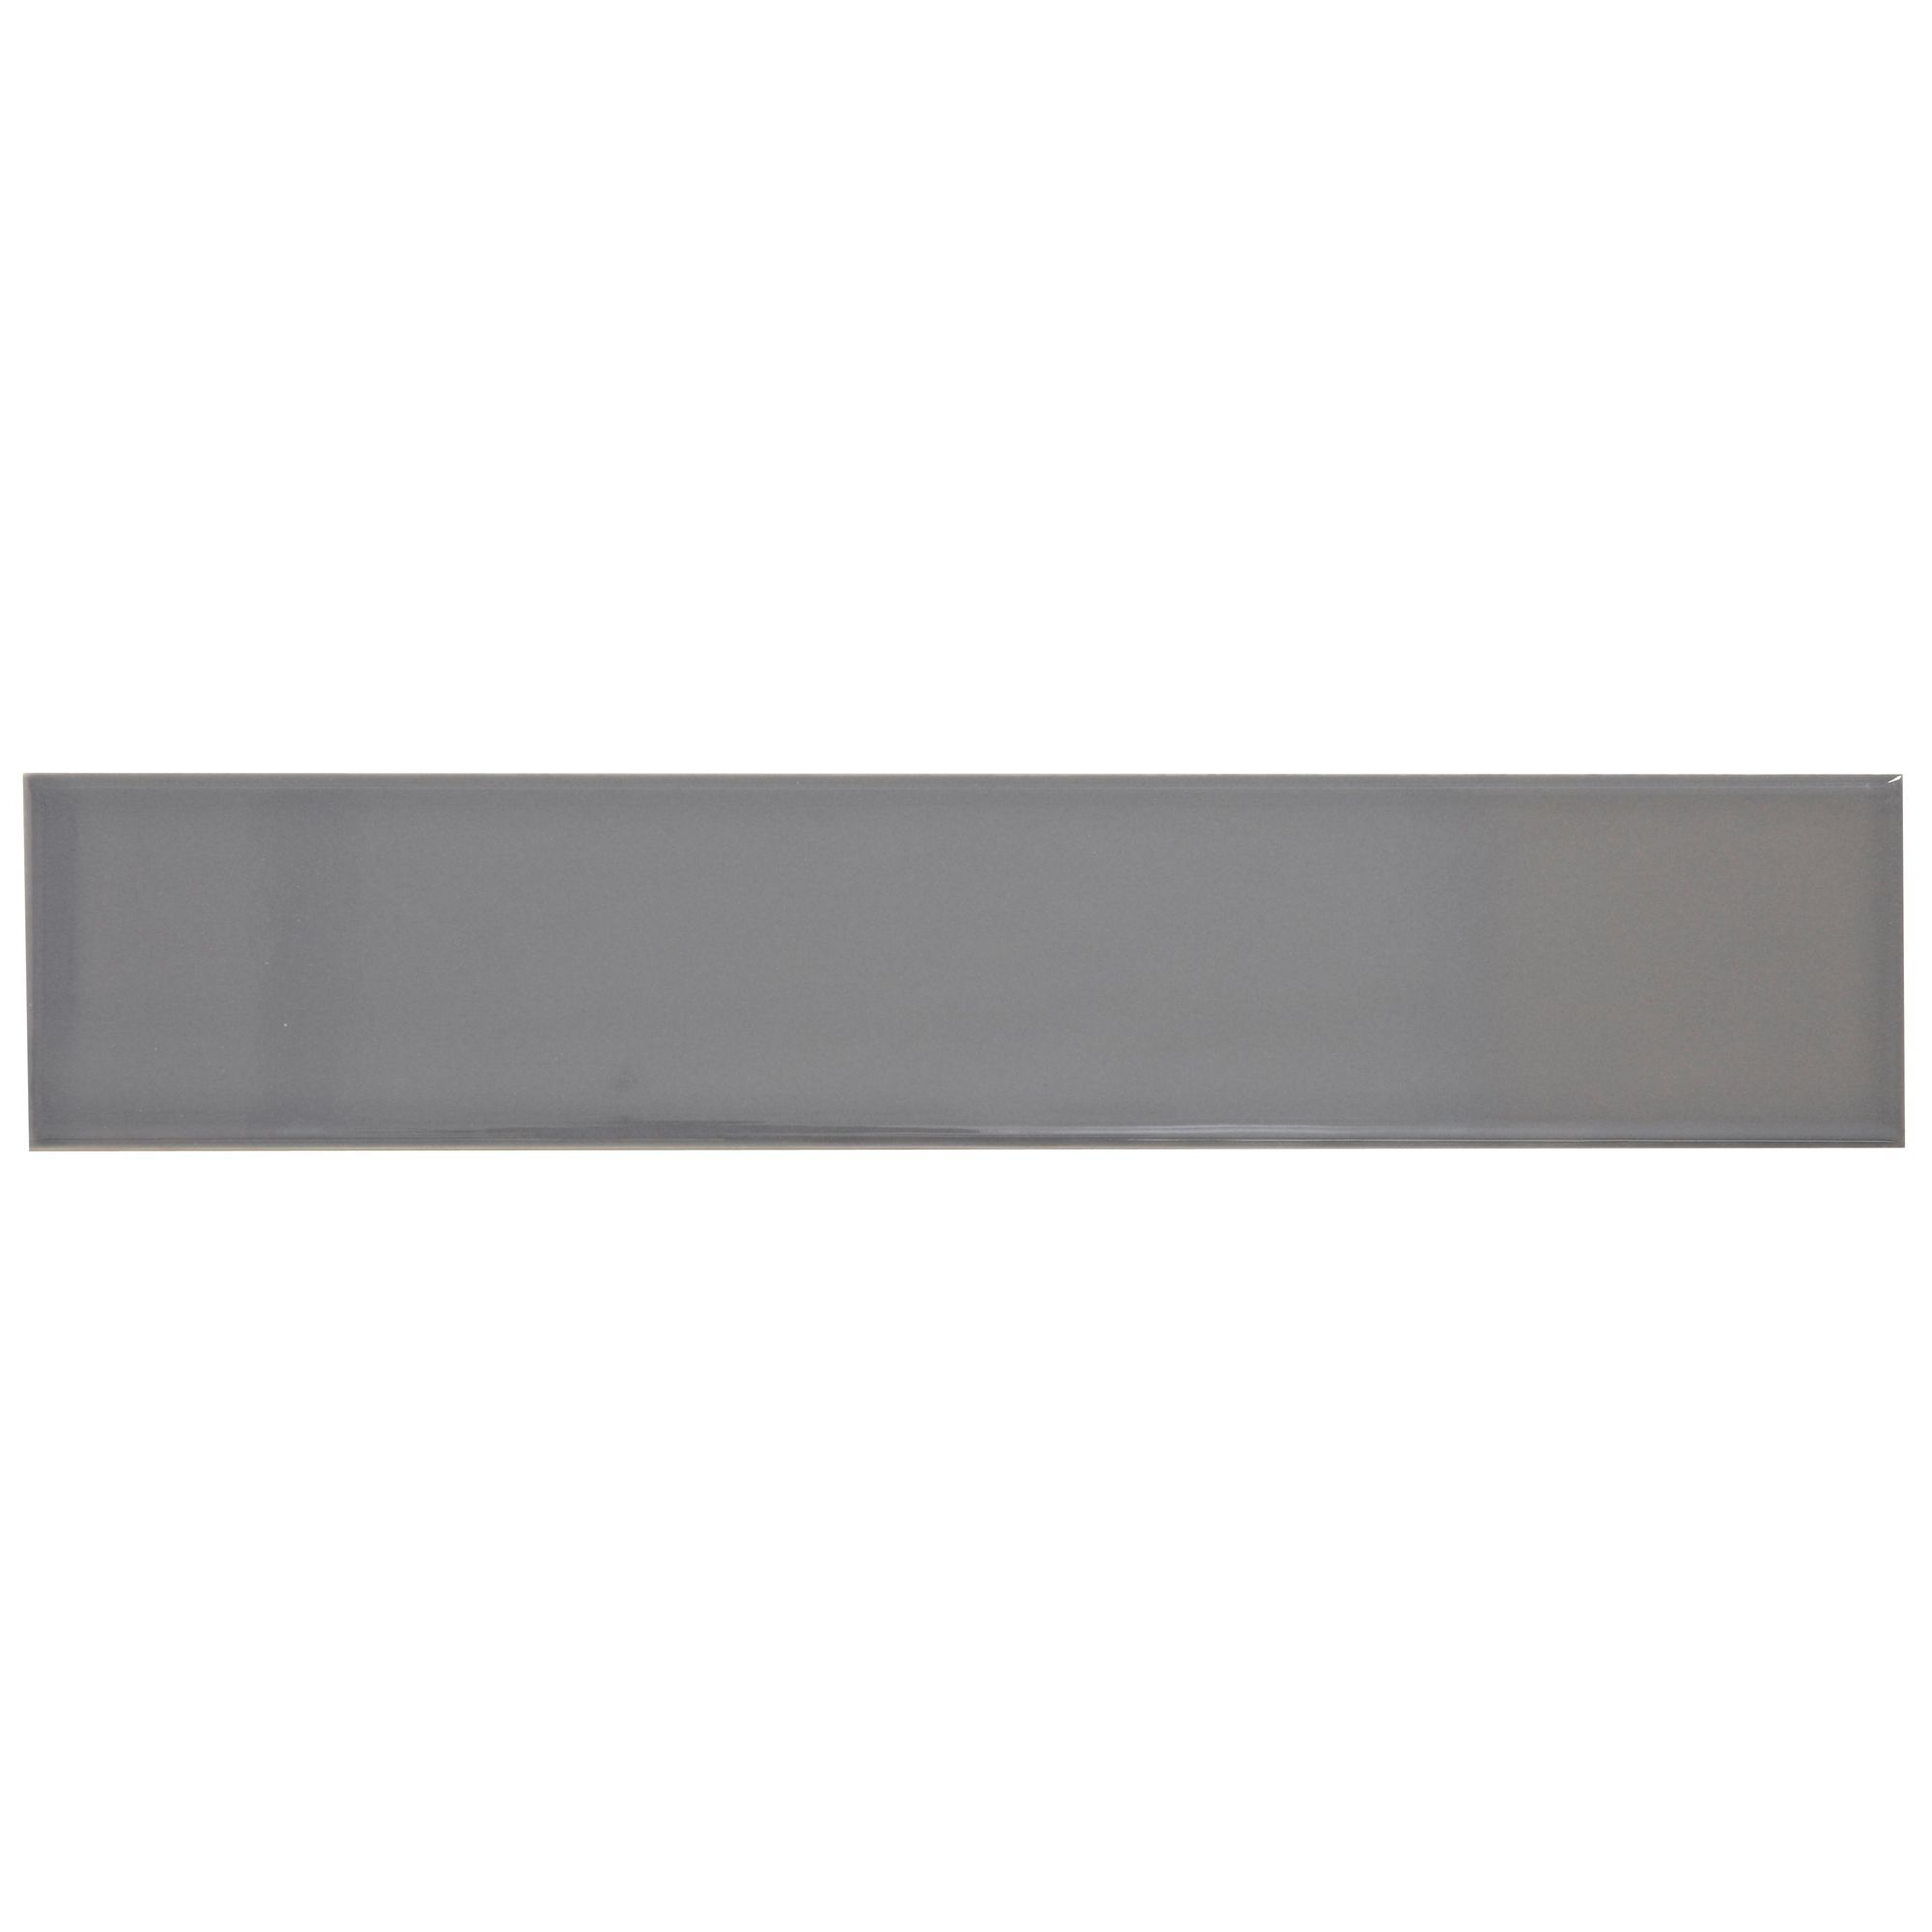 Holborn White Ceramic Wall Tile Pack Of 20 L 250mm W: Grey Ceramic Tile